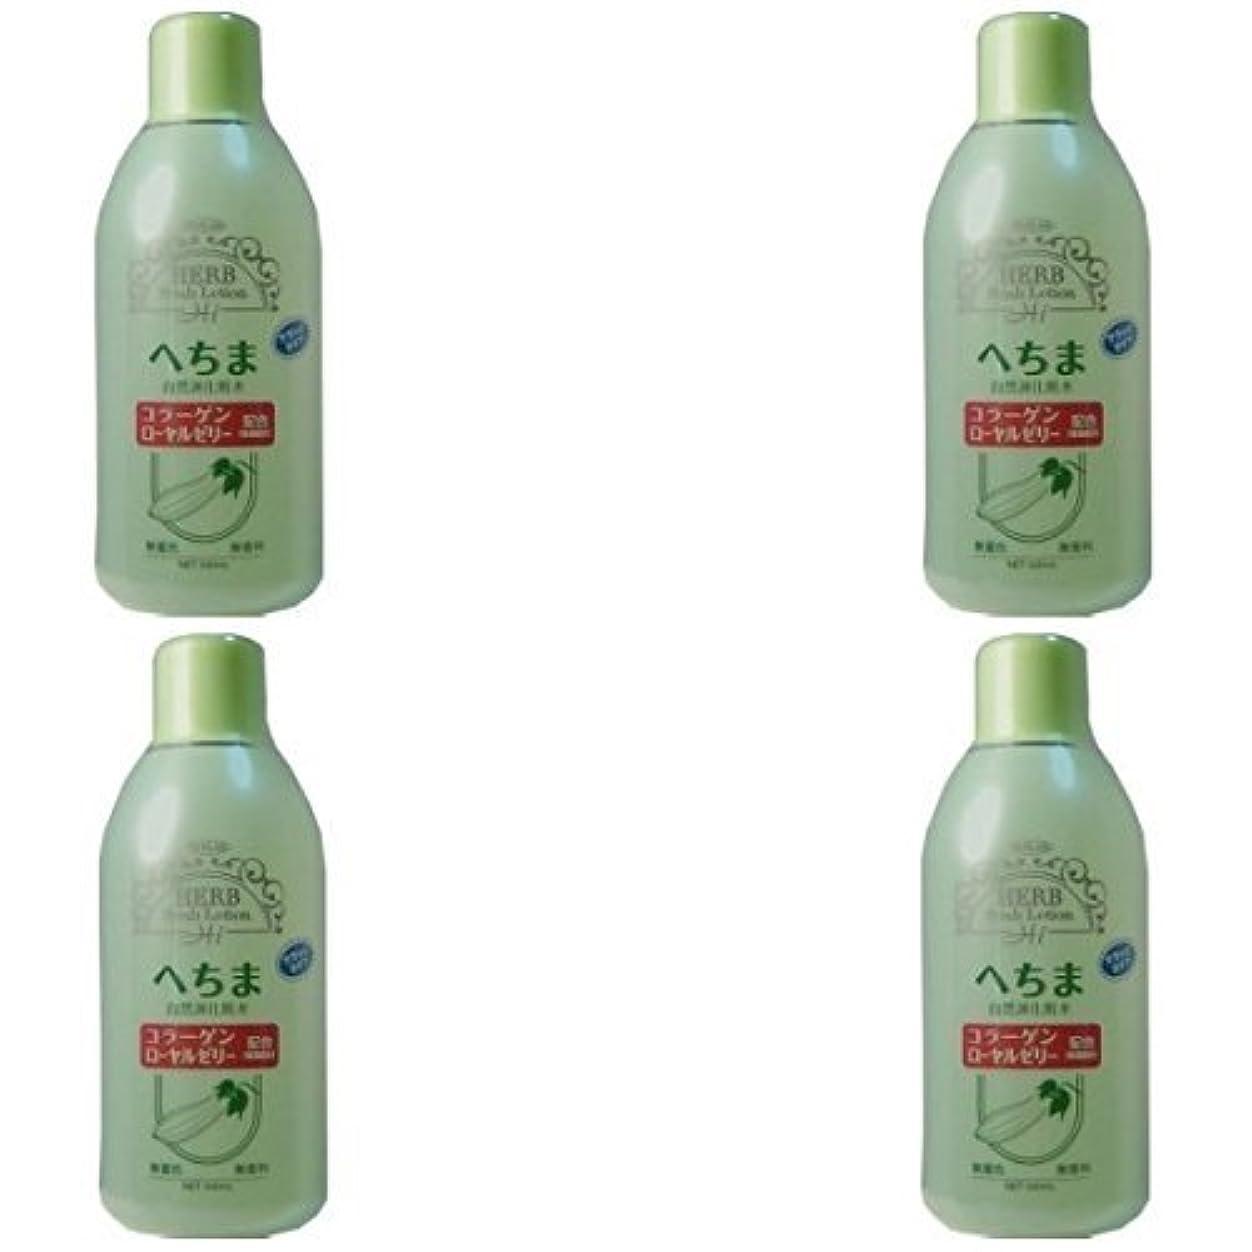 赤面選挙ボイラー【まとめ買い】トプラン へちま化粧水 500ml【×4個】